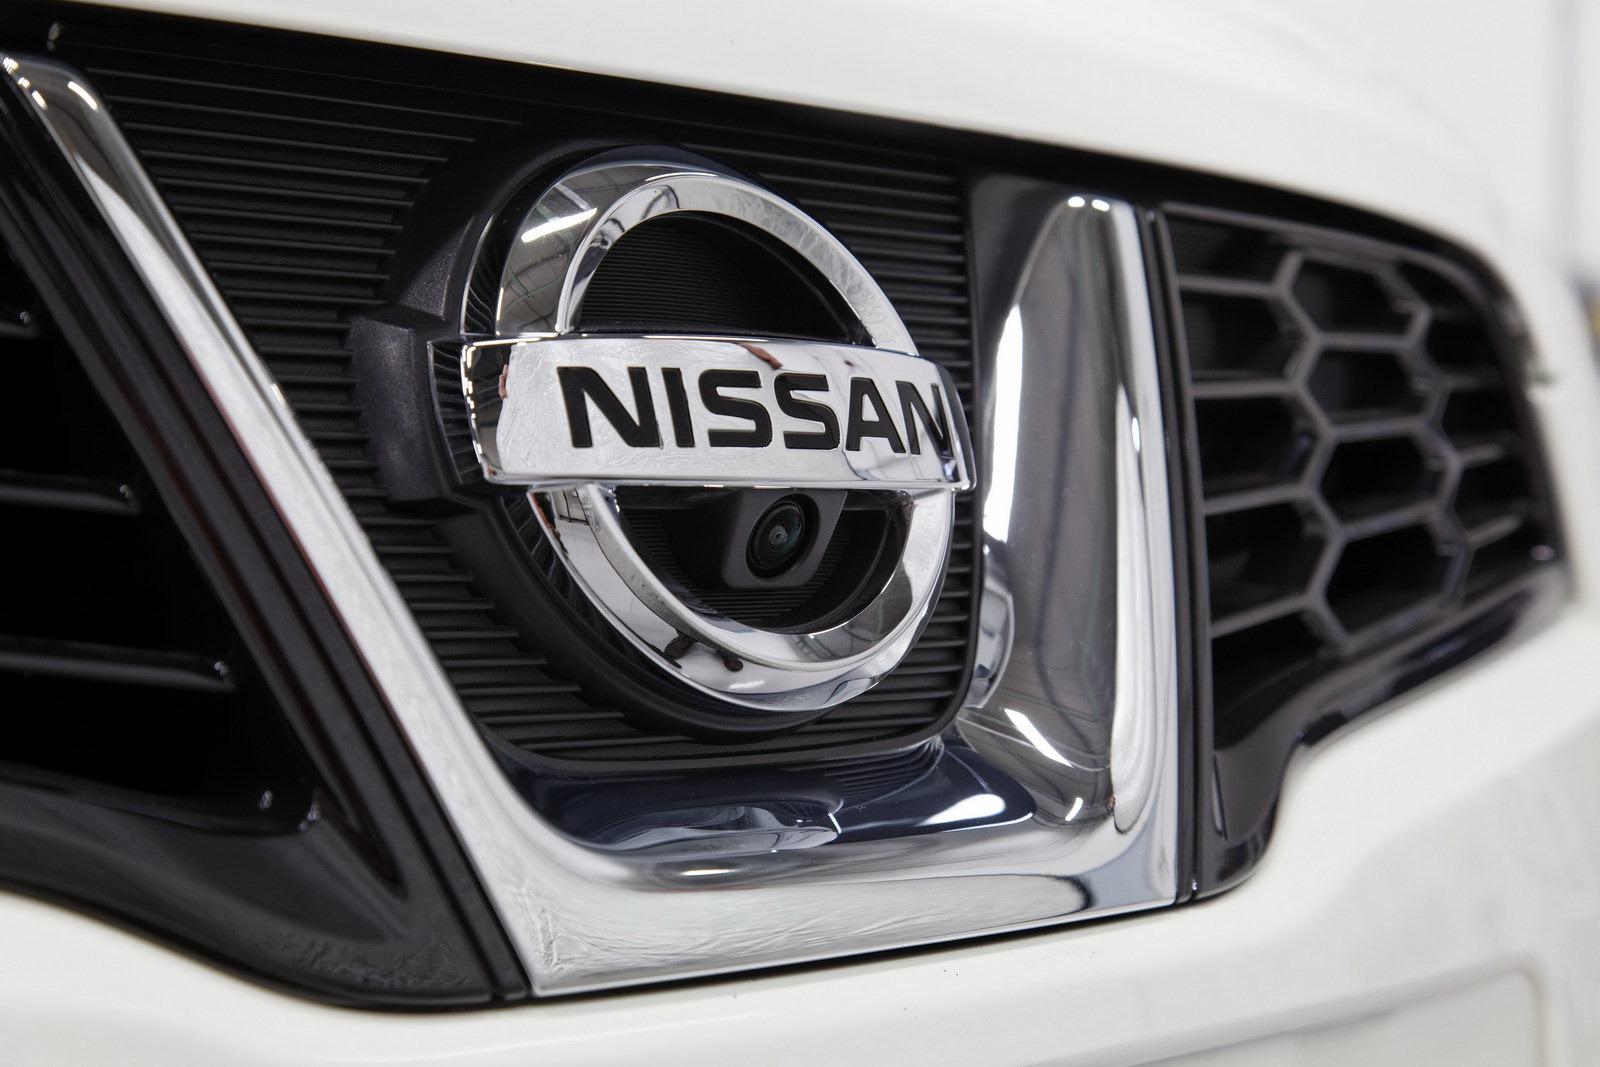 2013 Nissan Qashqai 360